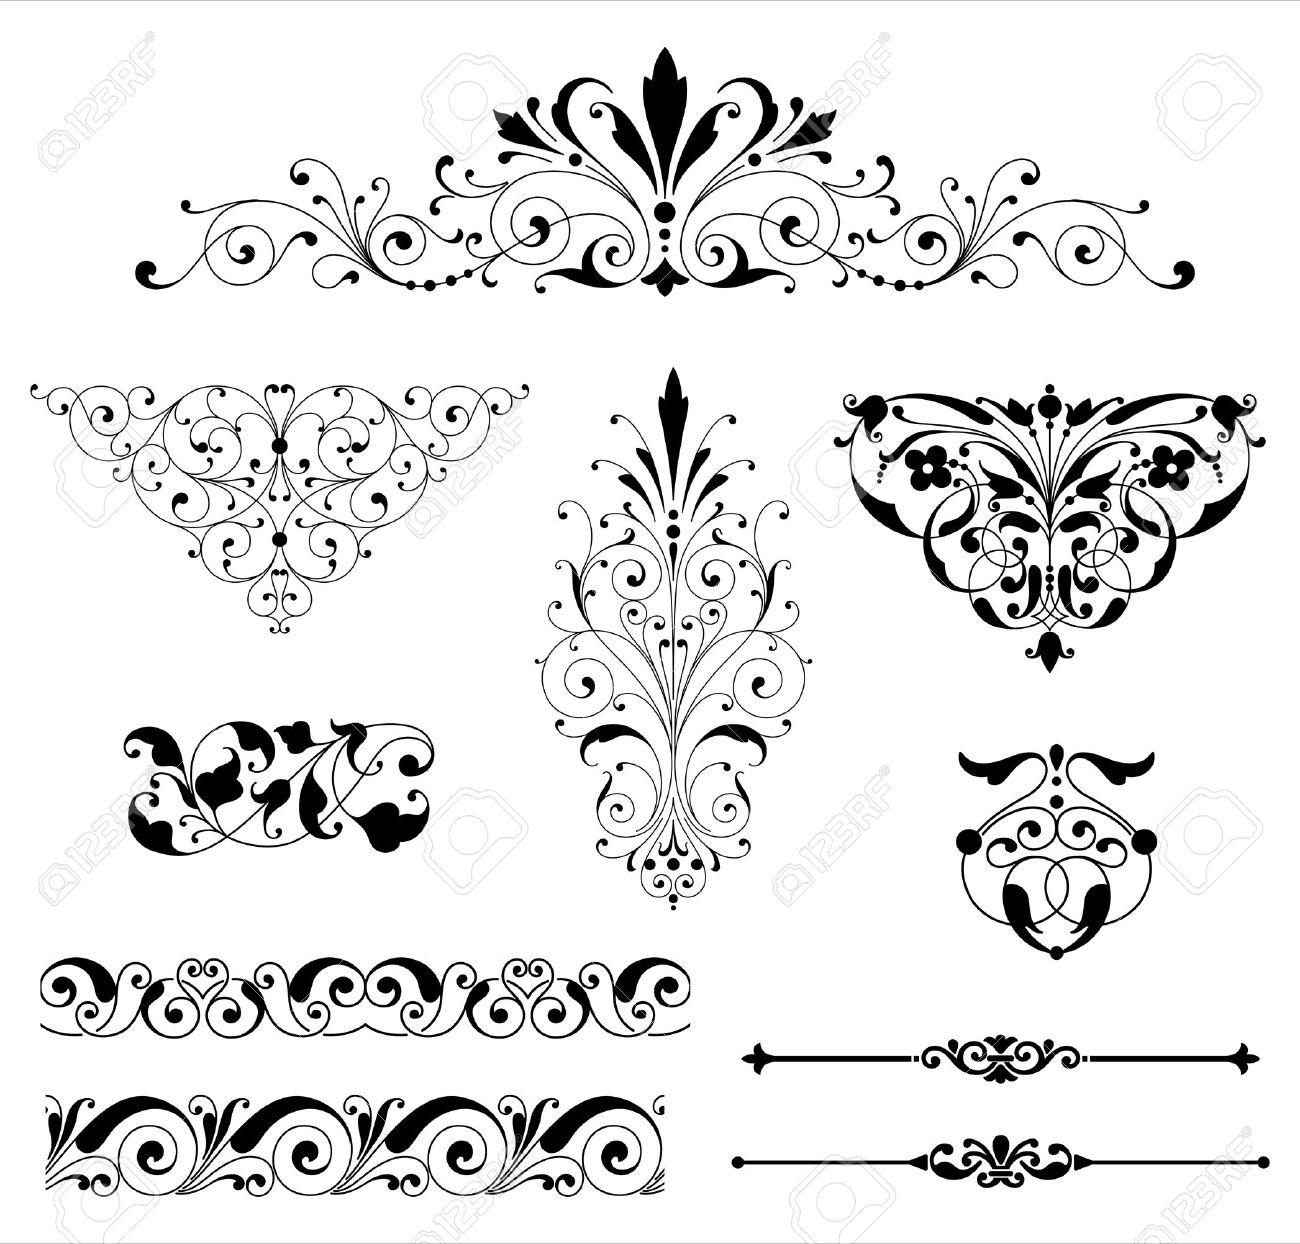 ornament set set of black vector ornaments scrolls repeating rh 123rf com vector ornaments illustrator vector ornaments designs laser wood